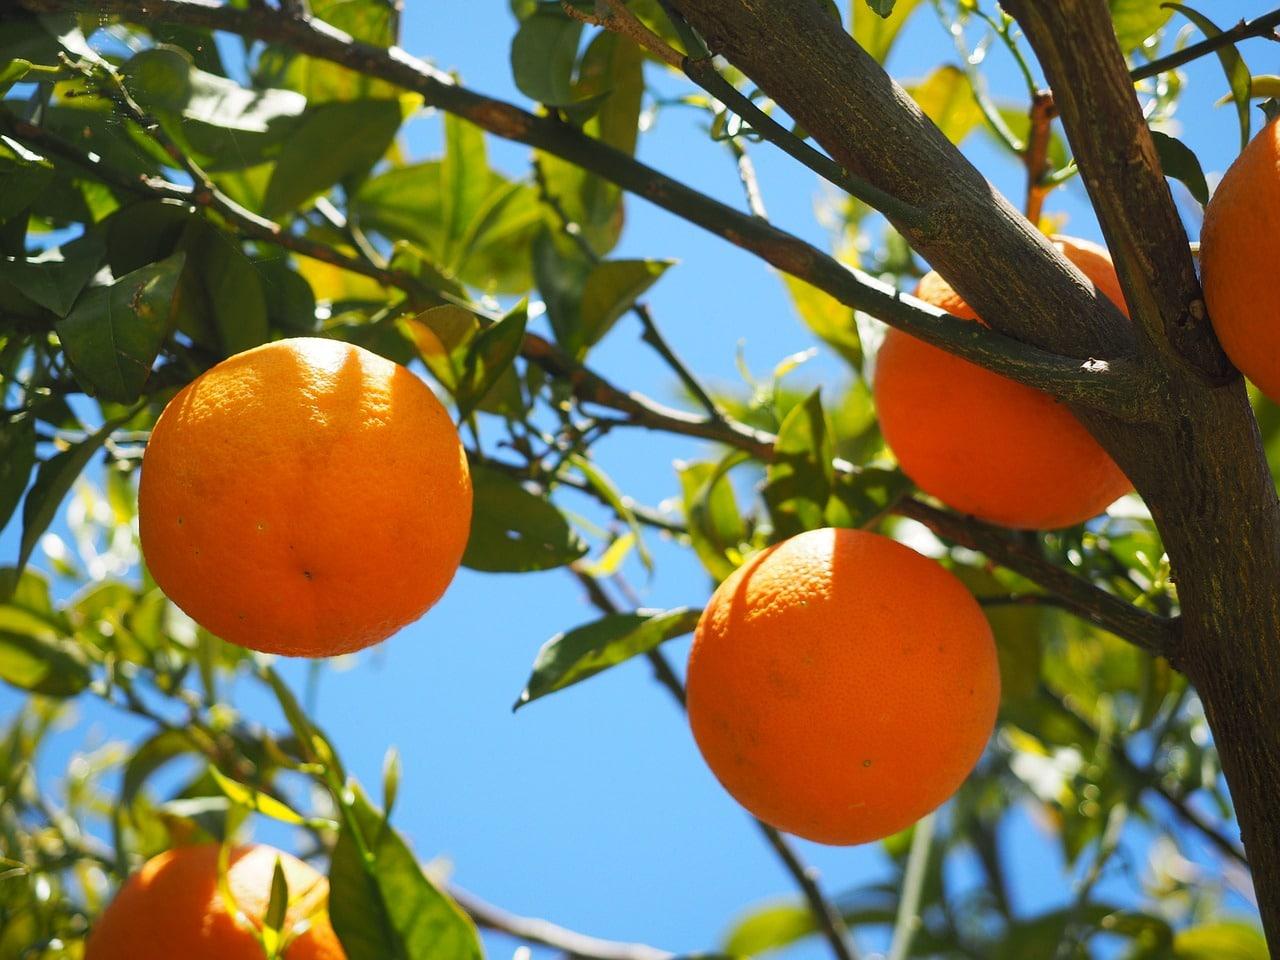 Los naranjos son árboles de hoja perenne